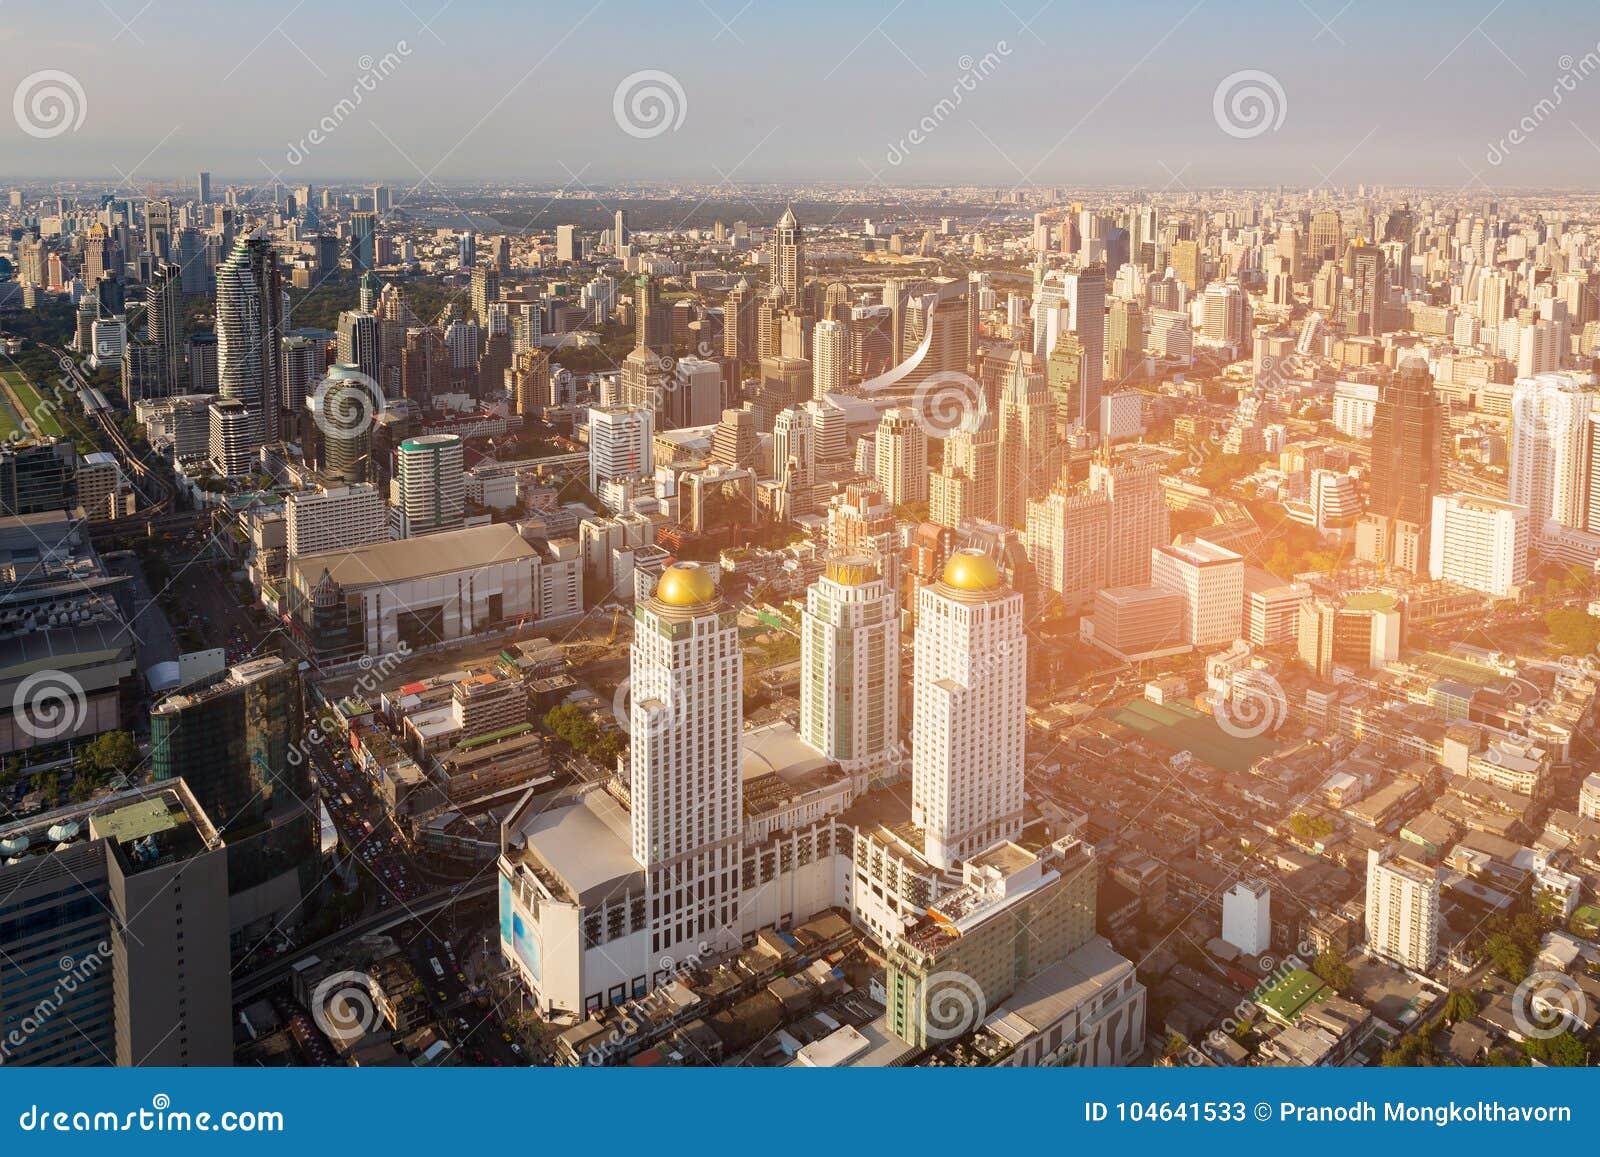 Download De Stads De Centrale Van Bedrijfs Bangkok Achtergrond Van De Binnenstad Stock Afbeelding - Afbeelding bestaande uit condominium, nacht: 104641533